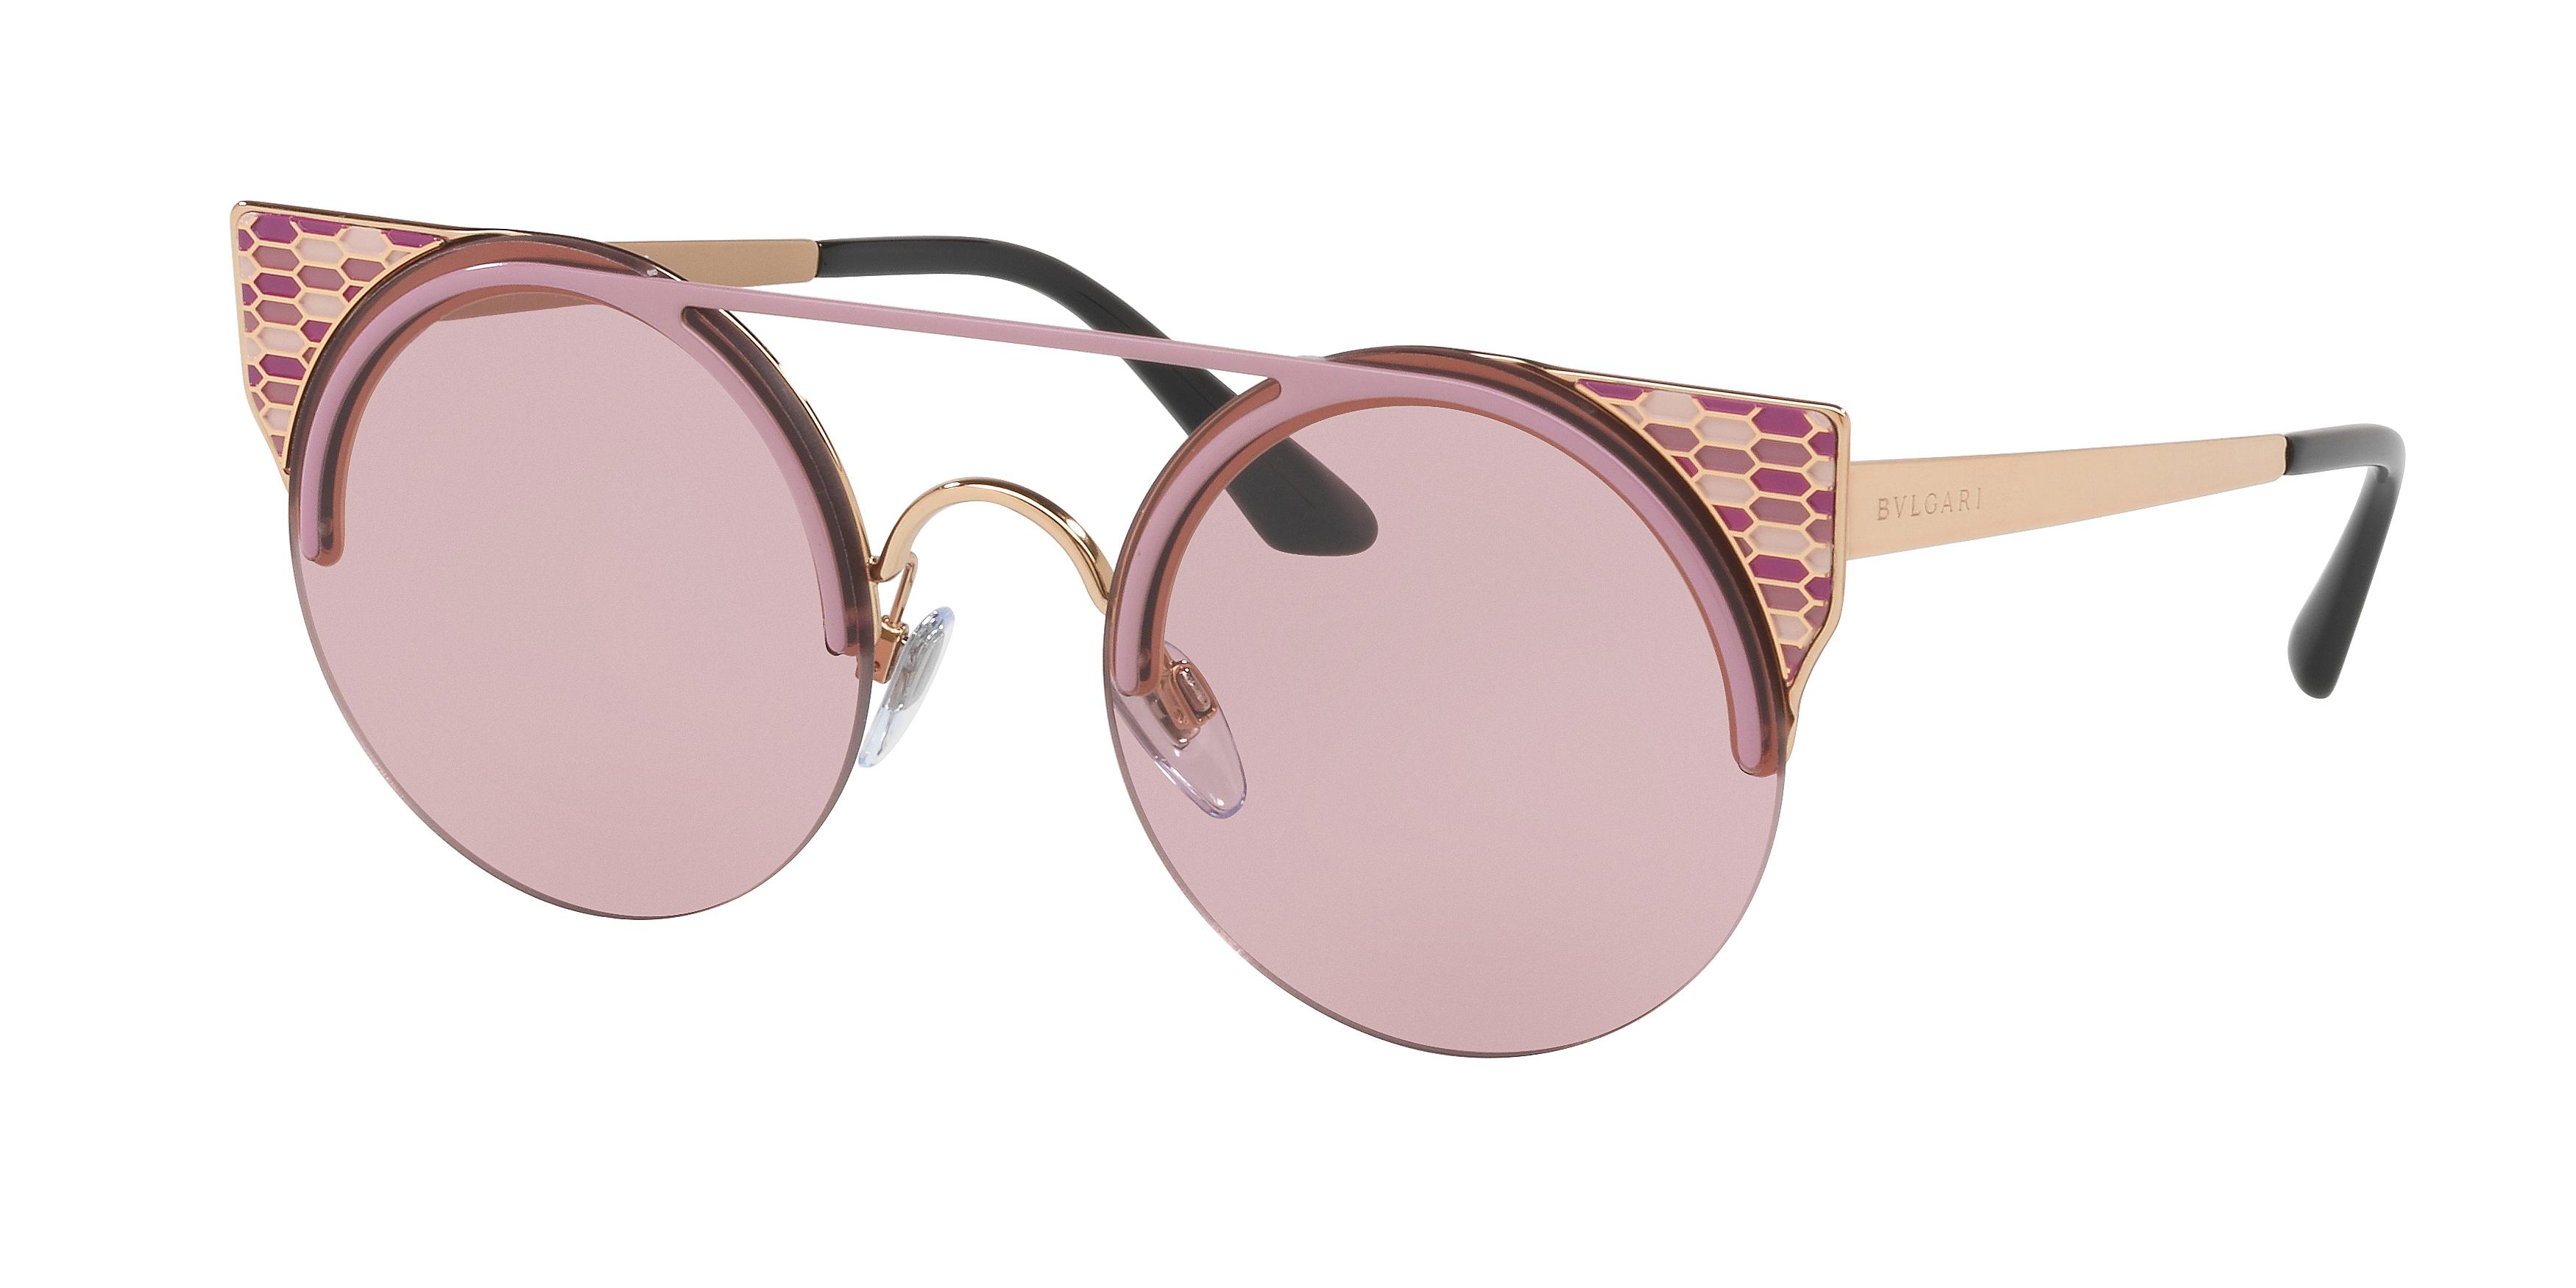 姊戴的不是眼鏡~是時尚!素顏有它去倒垃圾也時髦   眼鏡,時尚,流行,修飾,潮流   美人計   妞新聞 niusnews